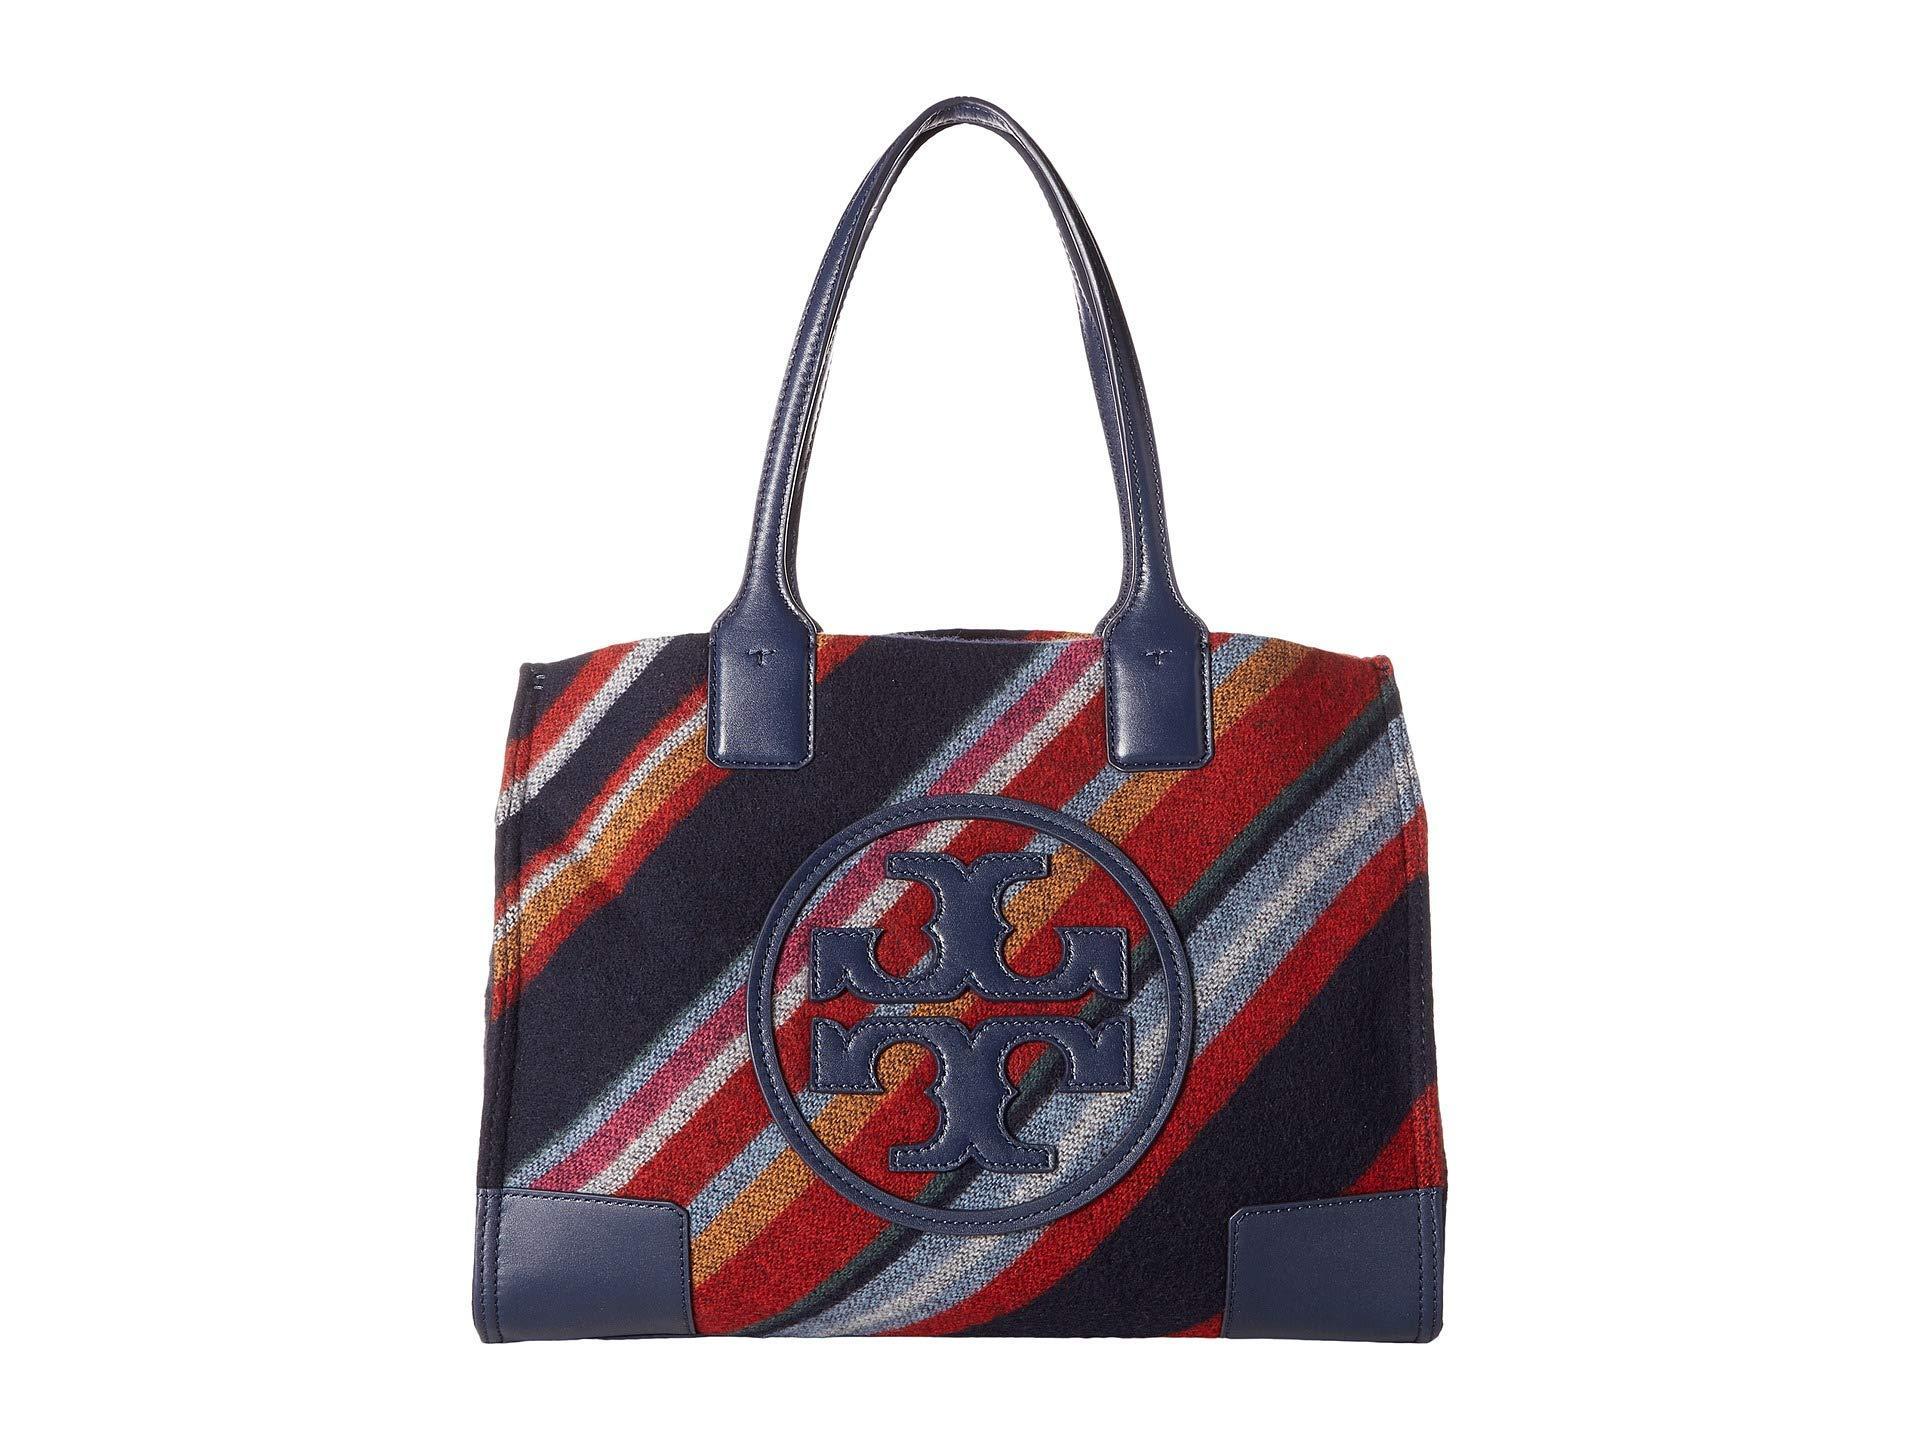 ca99f167eddf Lyst - Tory Burch Ella Fabric Stripe Mini Tote in Blue - Save 50%